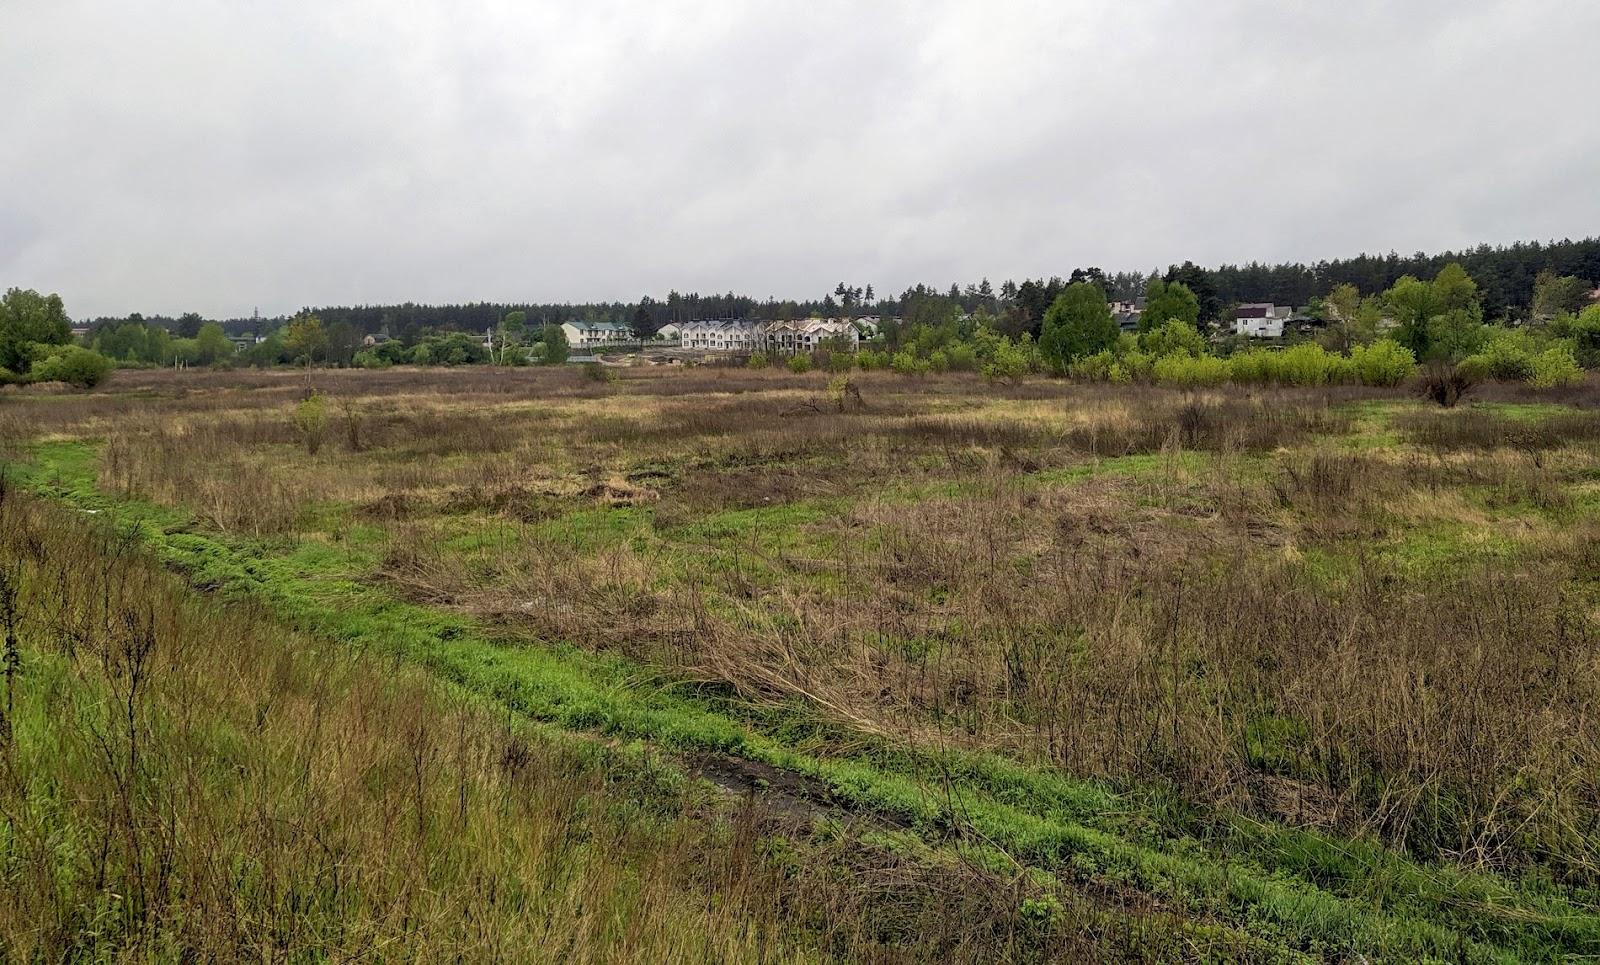 Ділянка з торфовищами, на якій скоро планують звести будинки